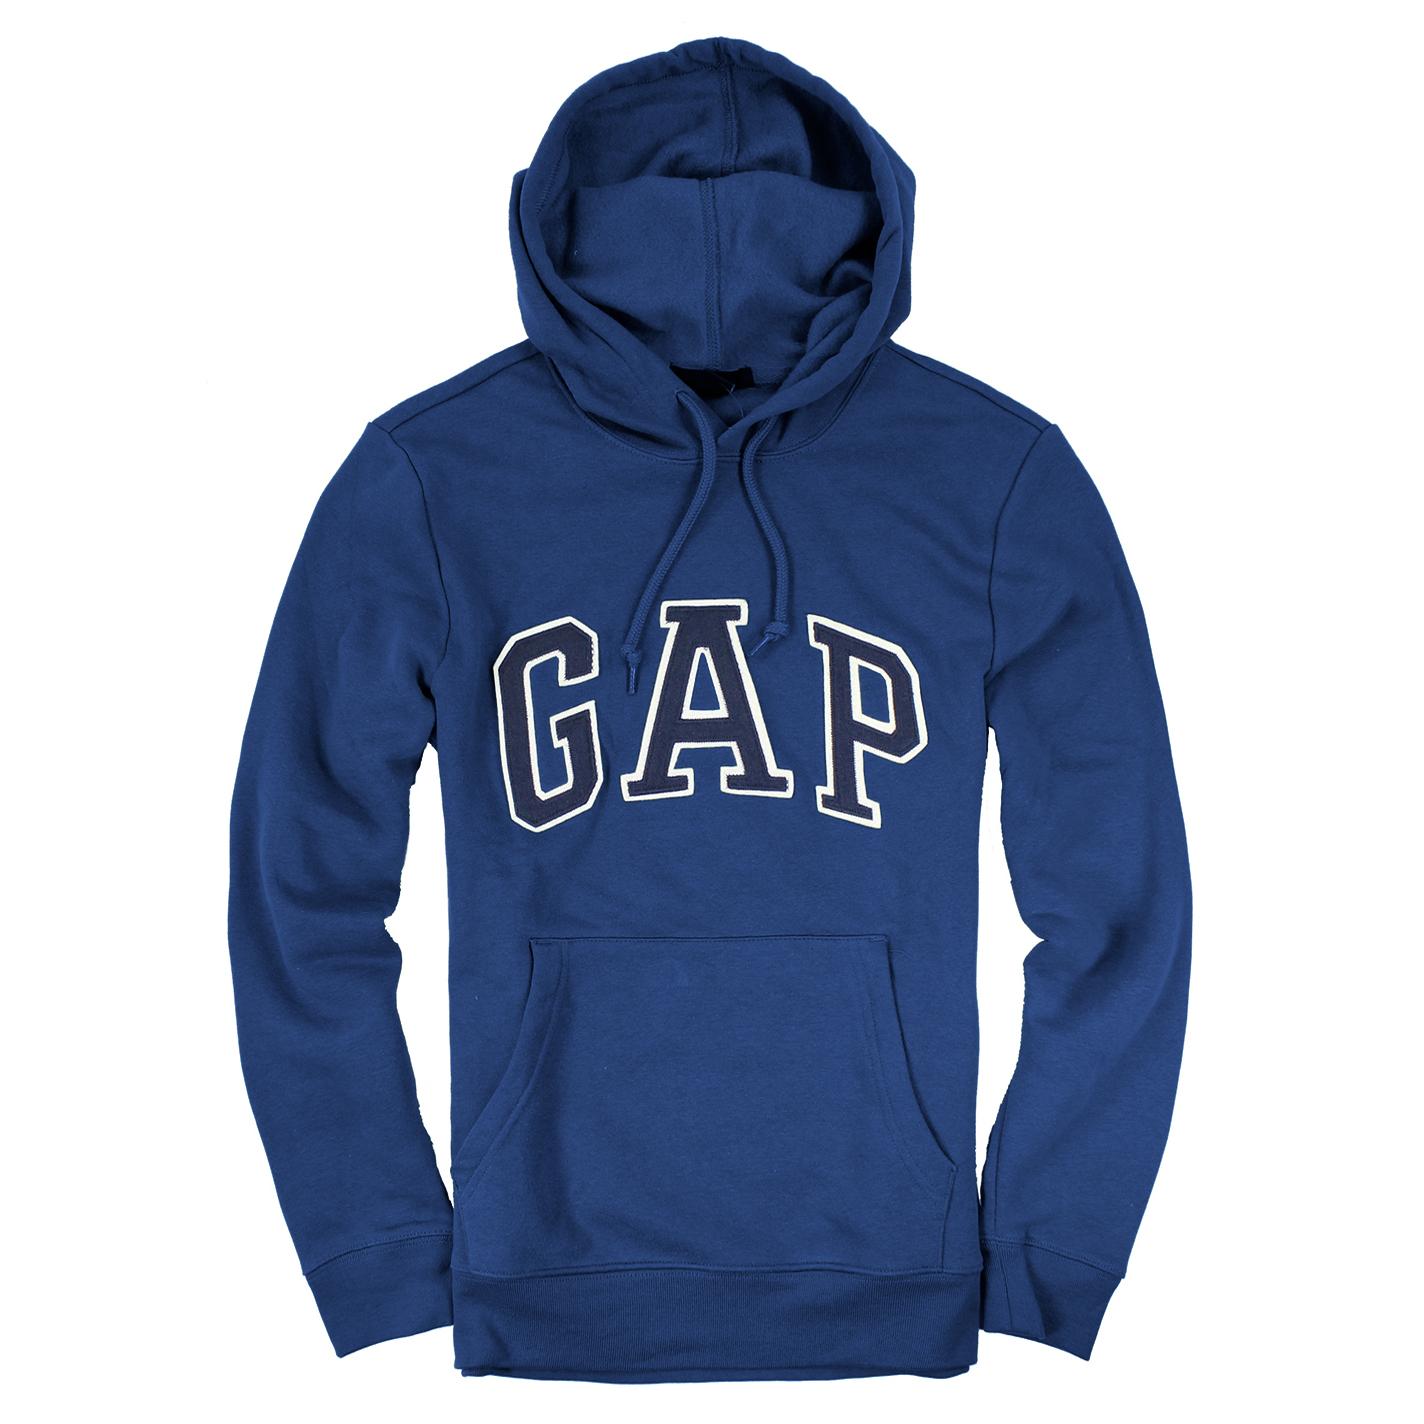 美國百分百【全新真品】GAP 帽T 上衣 外套 長袖 連帽 LOGO 貼布 青藍 現貨 男衣 E461